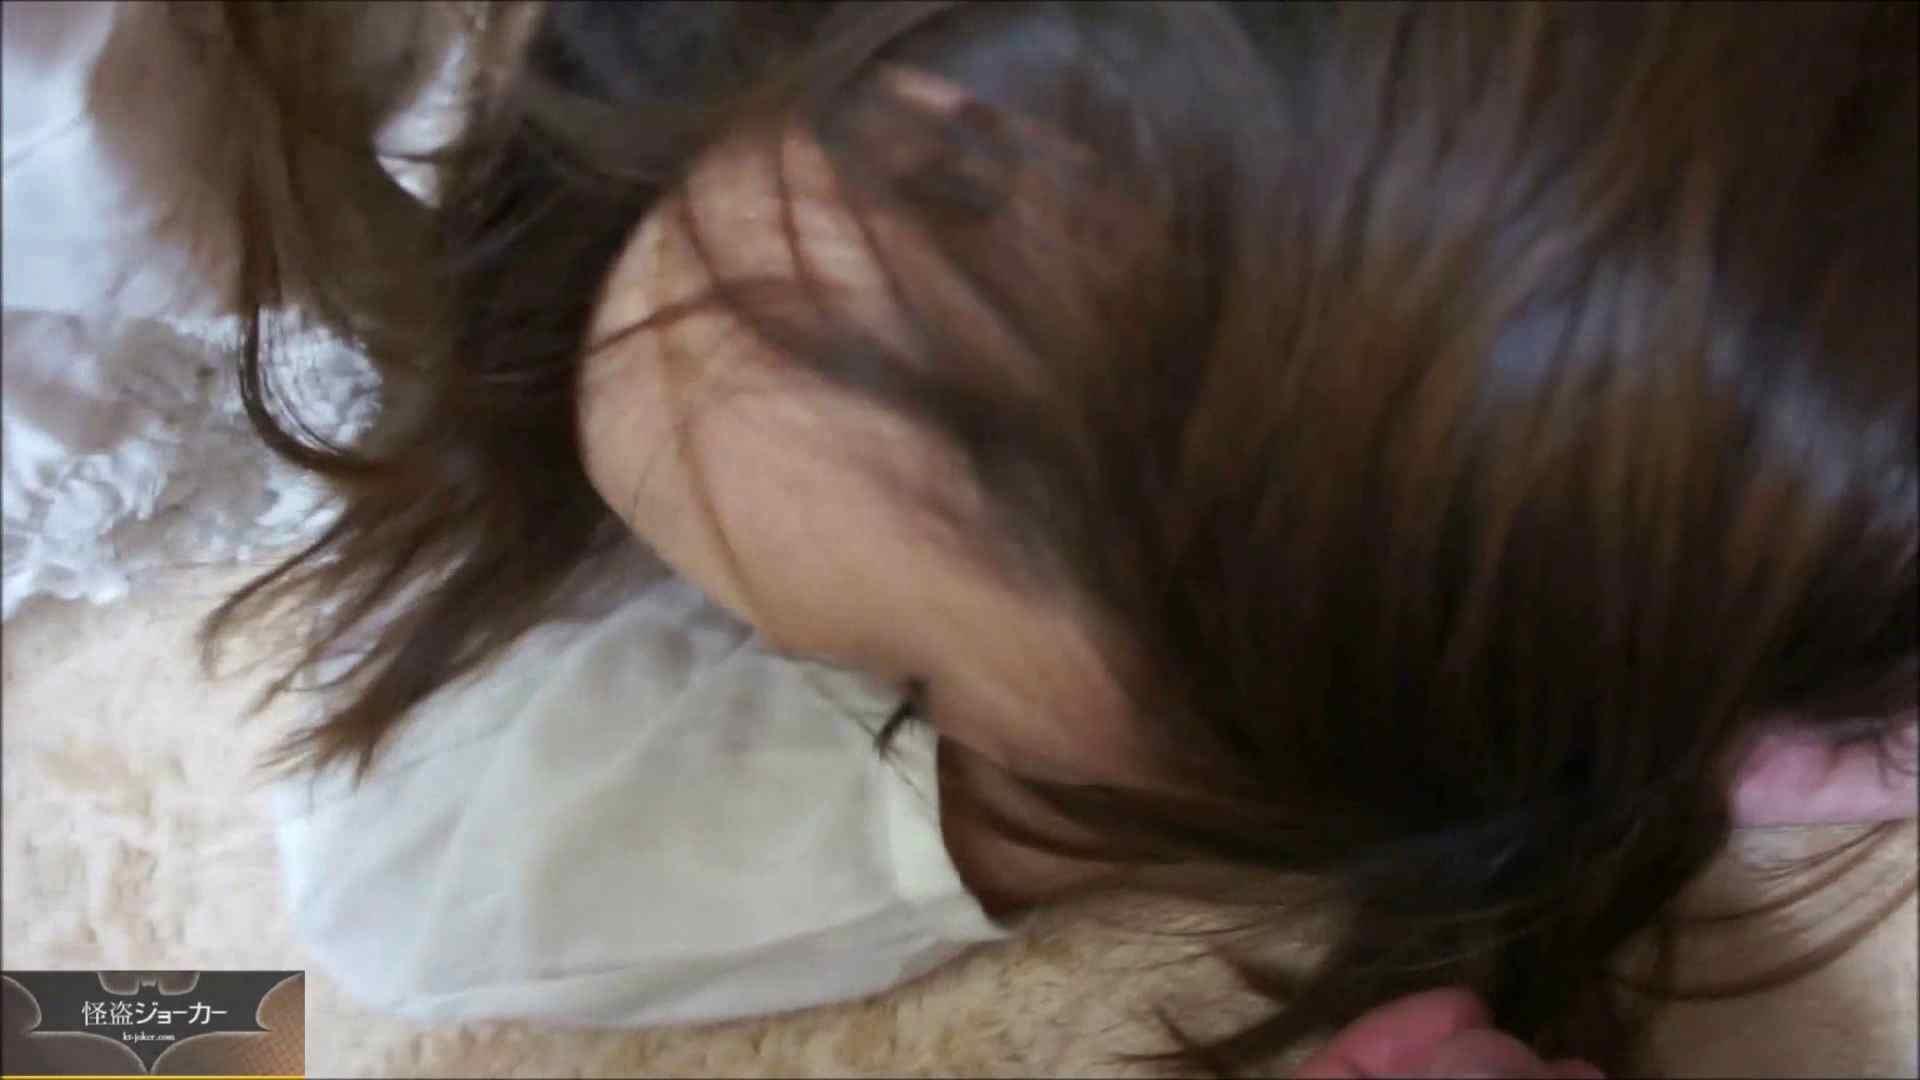 【未公開】vol.23 ユリナ、寝取られのアト。 友人 | OLの実態  75pic 1